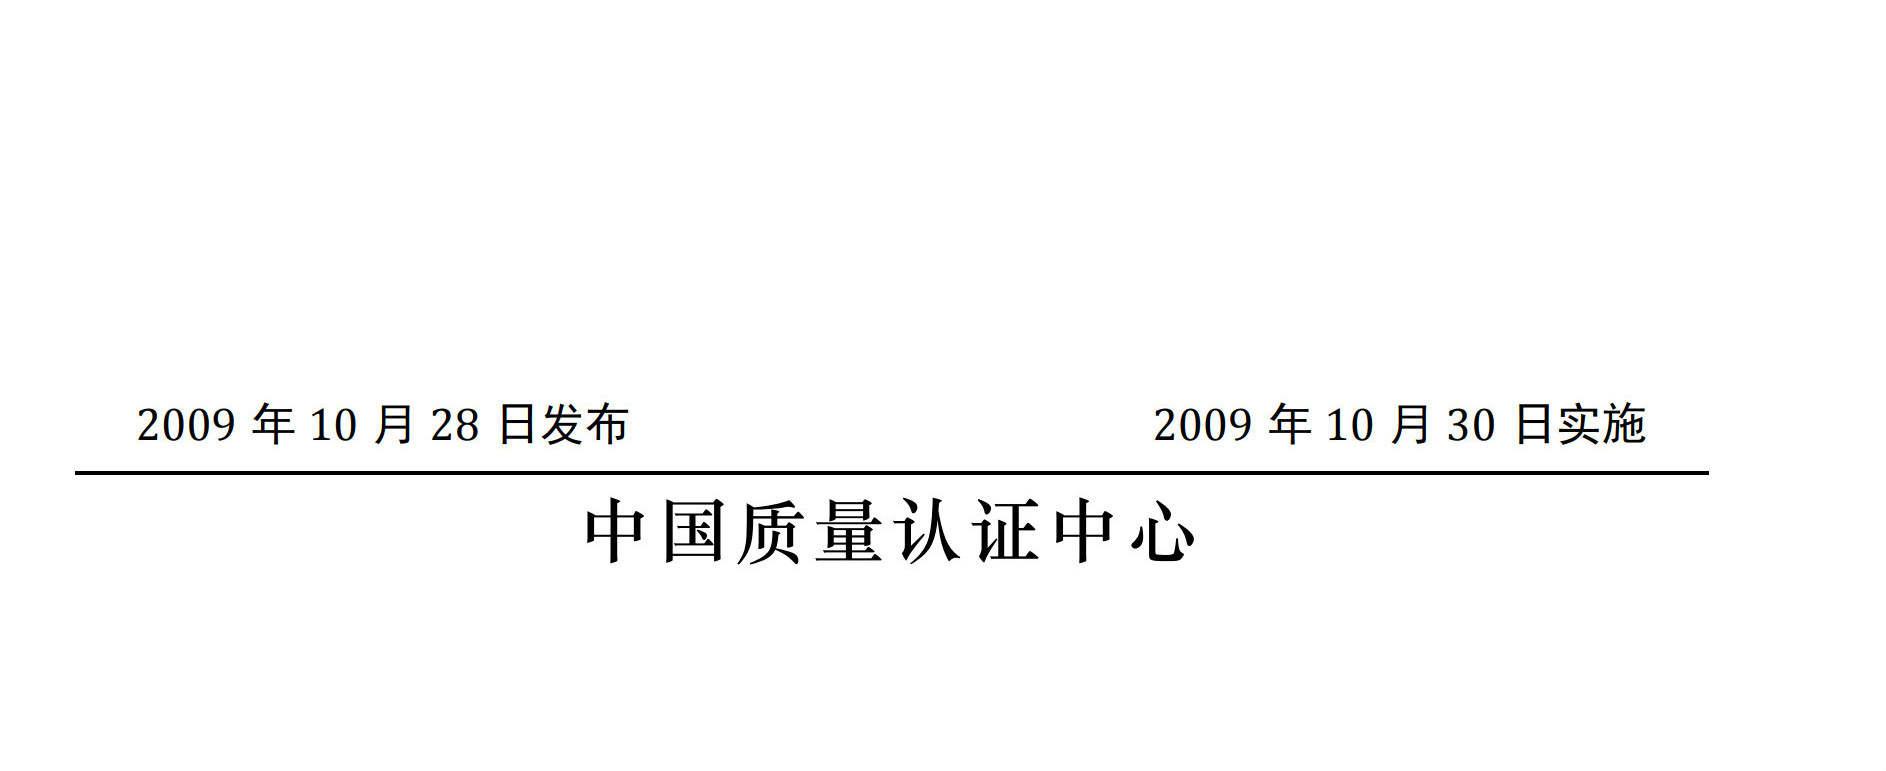 四川消 毒柜CQC标 准内容